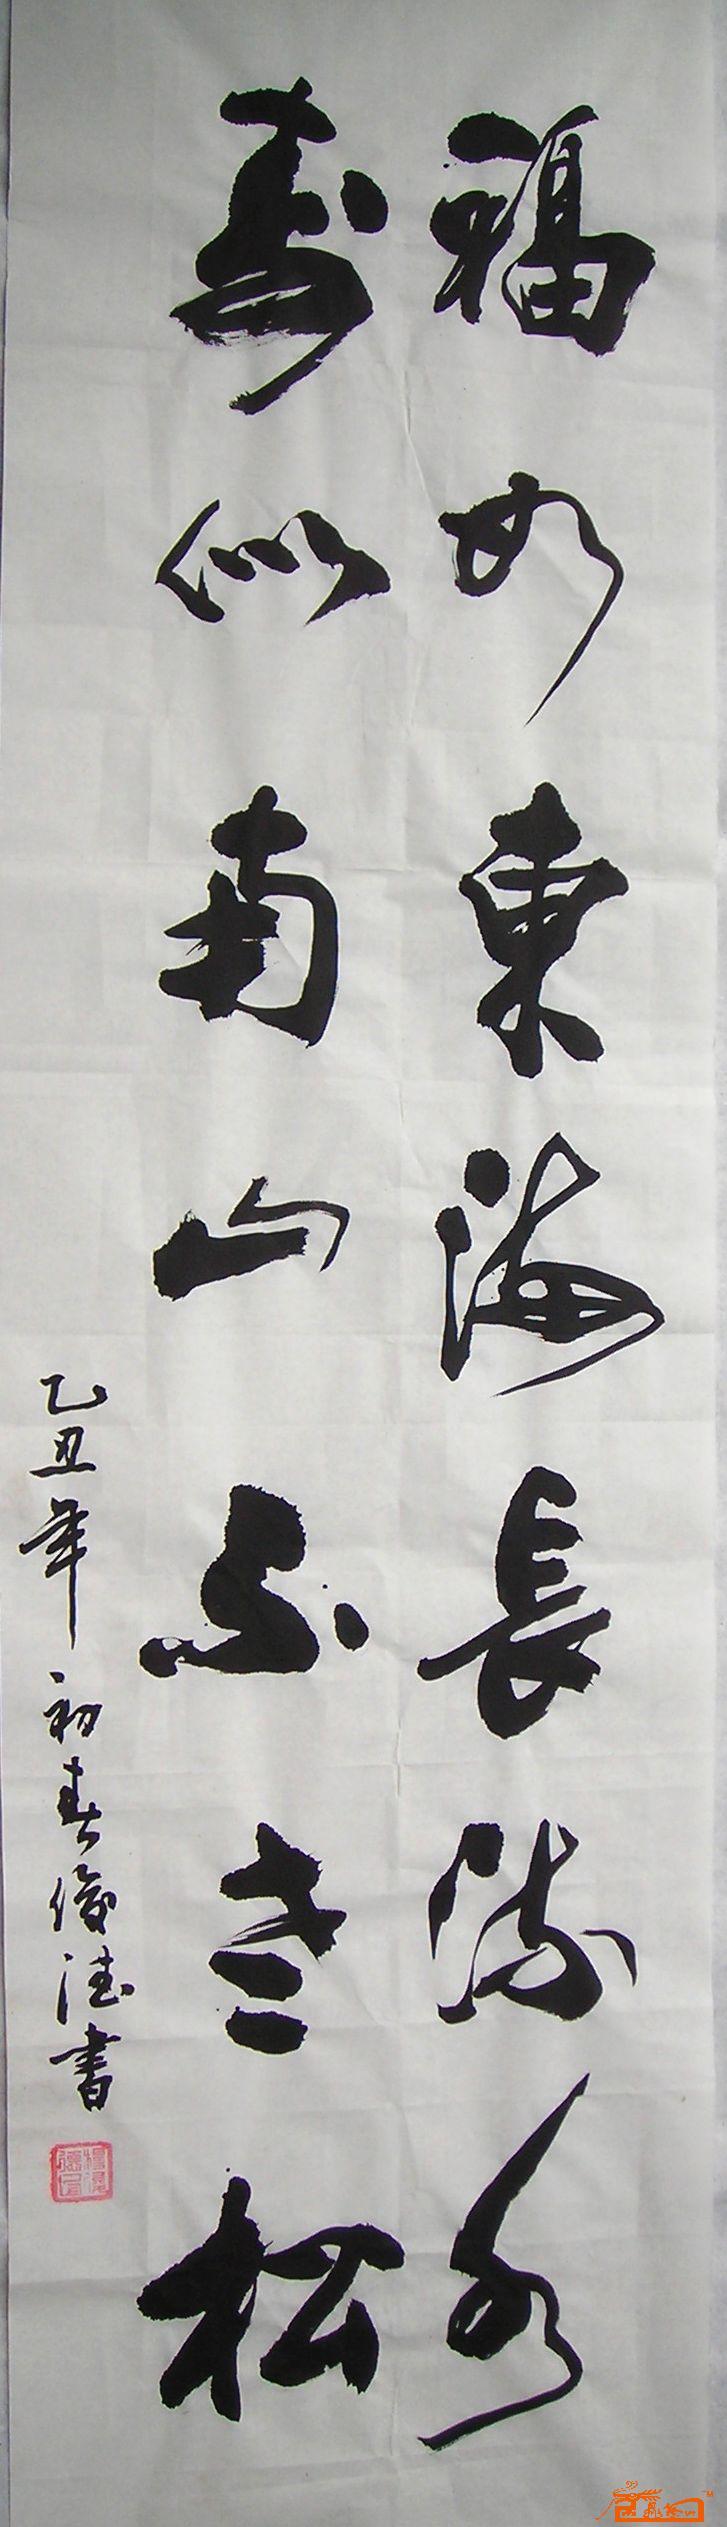 名家 杨俊德 书法 - 福如东海.